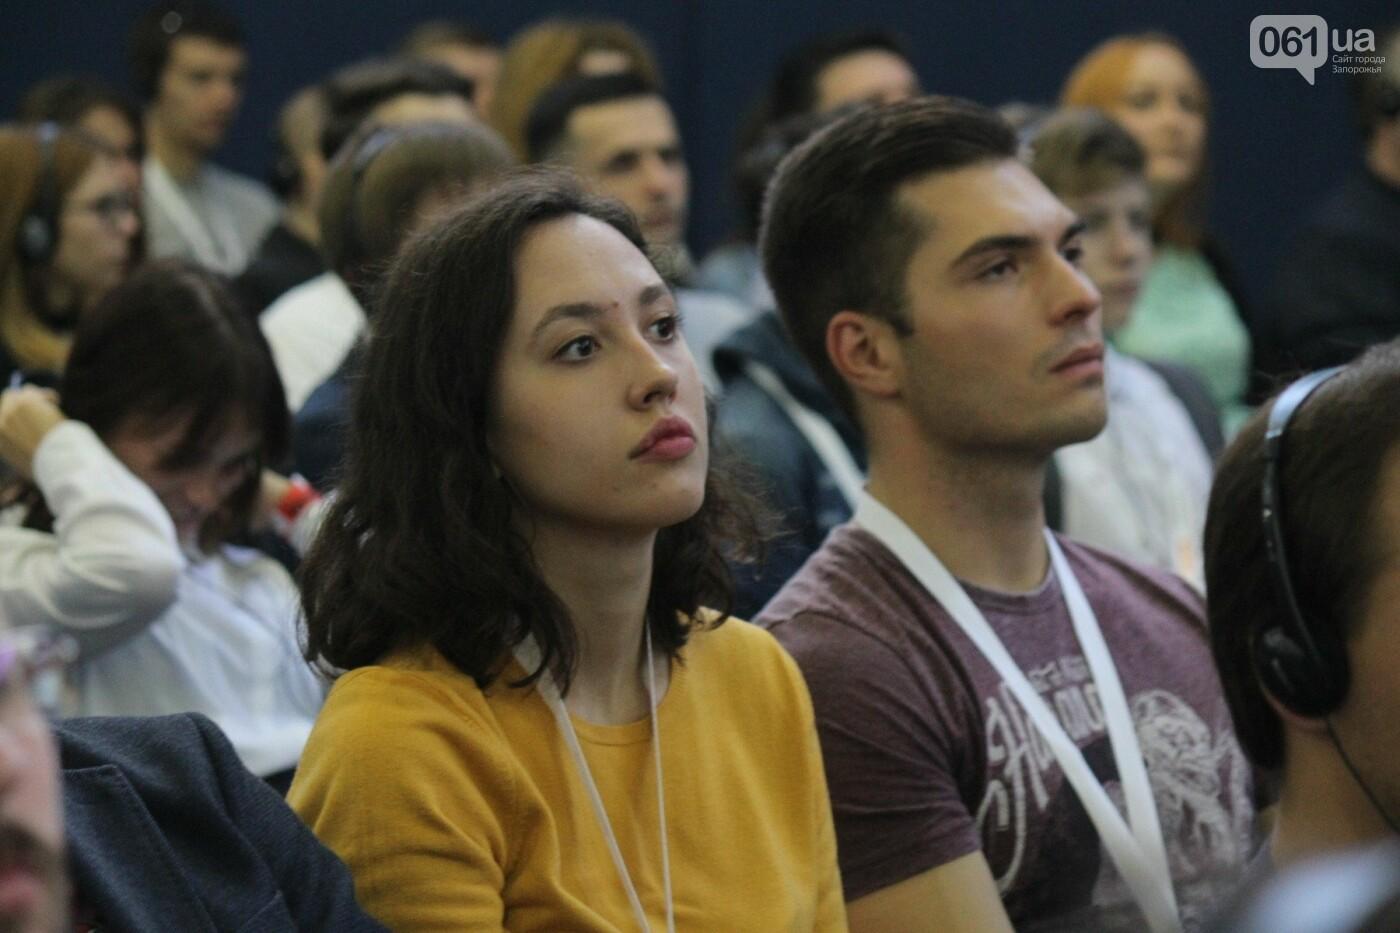 Роботы, киберспорт и спикеры-иностранцы: в Запорожье начался International IT Forum, – ФОТОРЕПОРТАЖ, фото-11